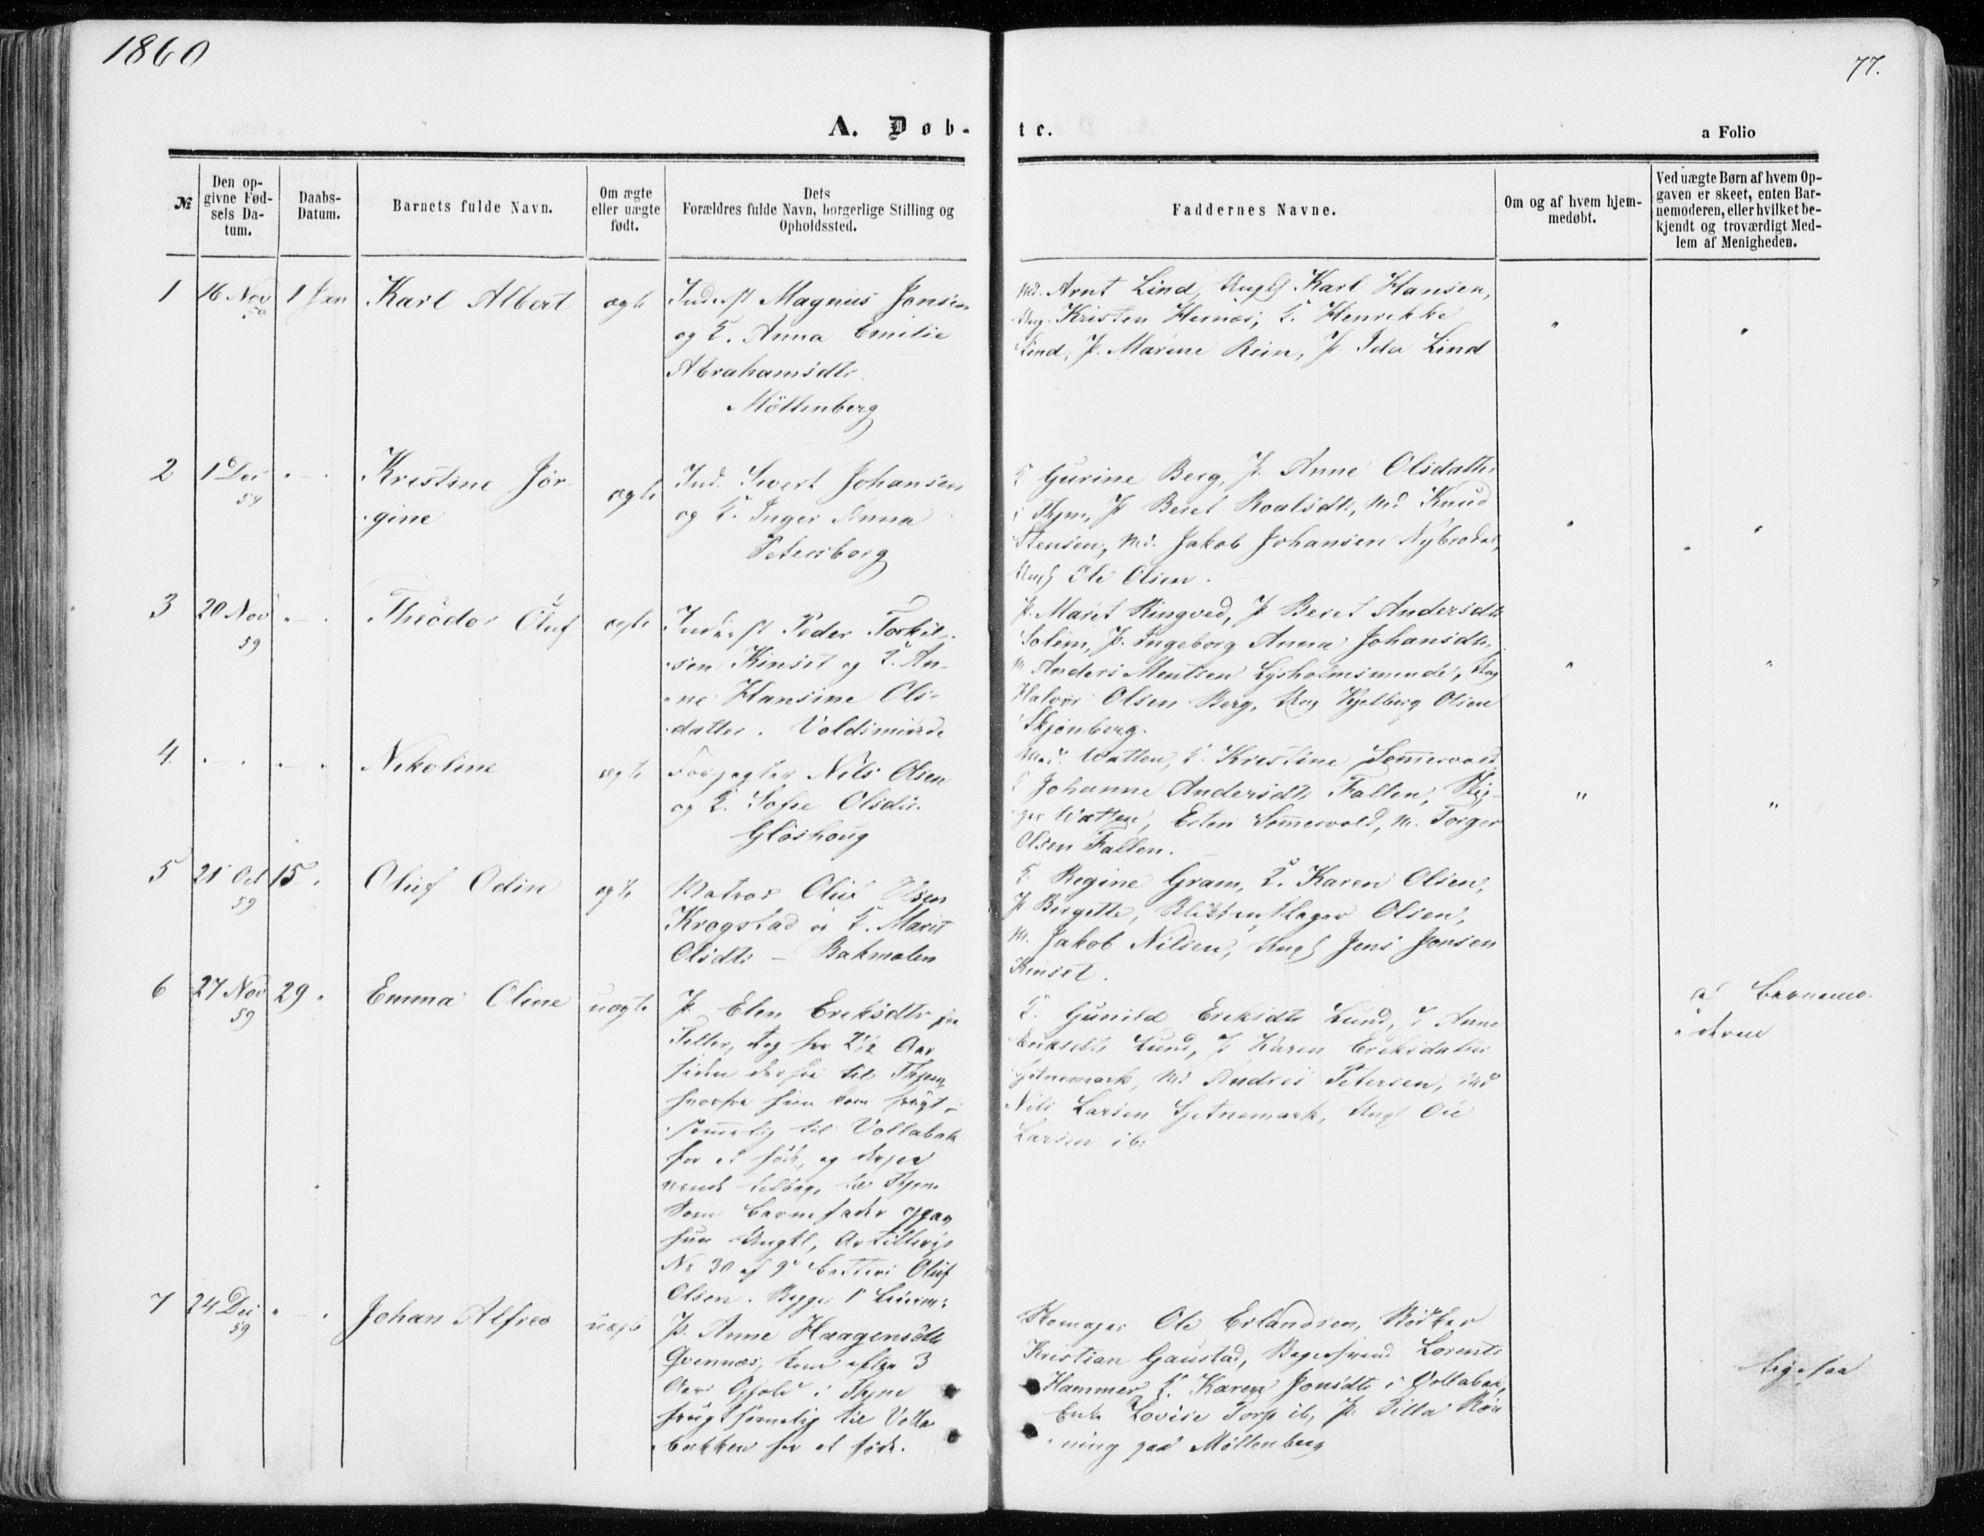 SAT, Ministerialprotokoller, klokkerbøker og fødselsregistre - Sør-Trøndelag, 606/L0292: Ministerialbok nr. 606A07, 1856-1865, s. 77